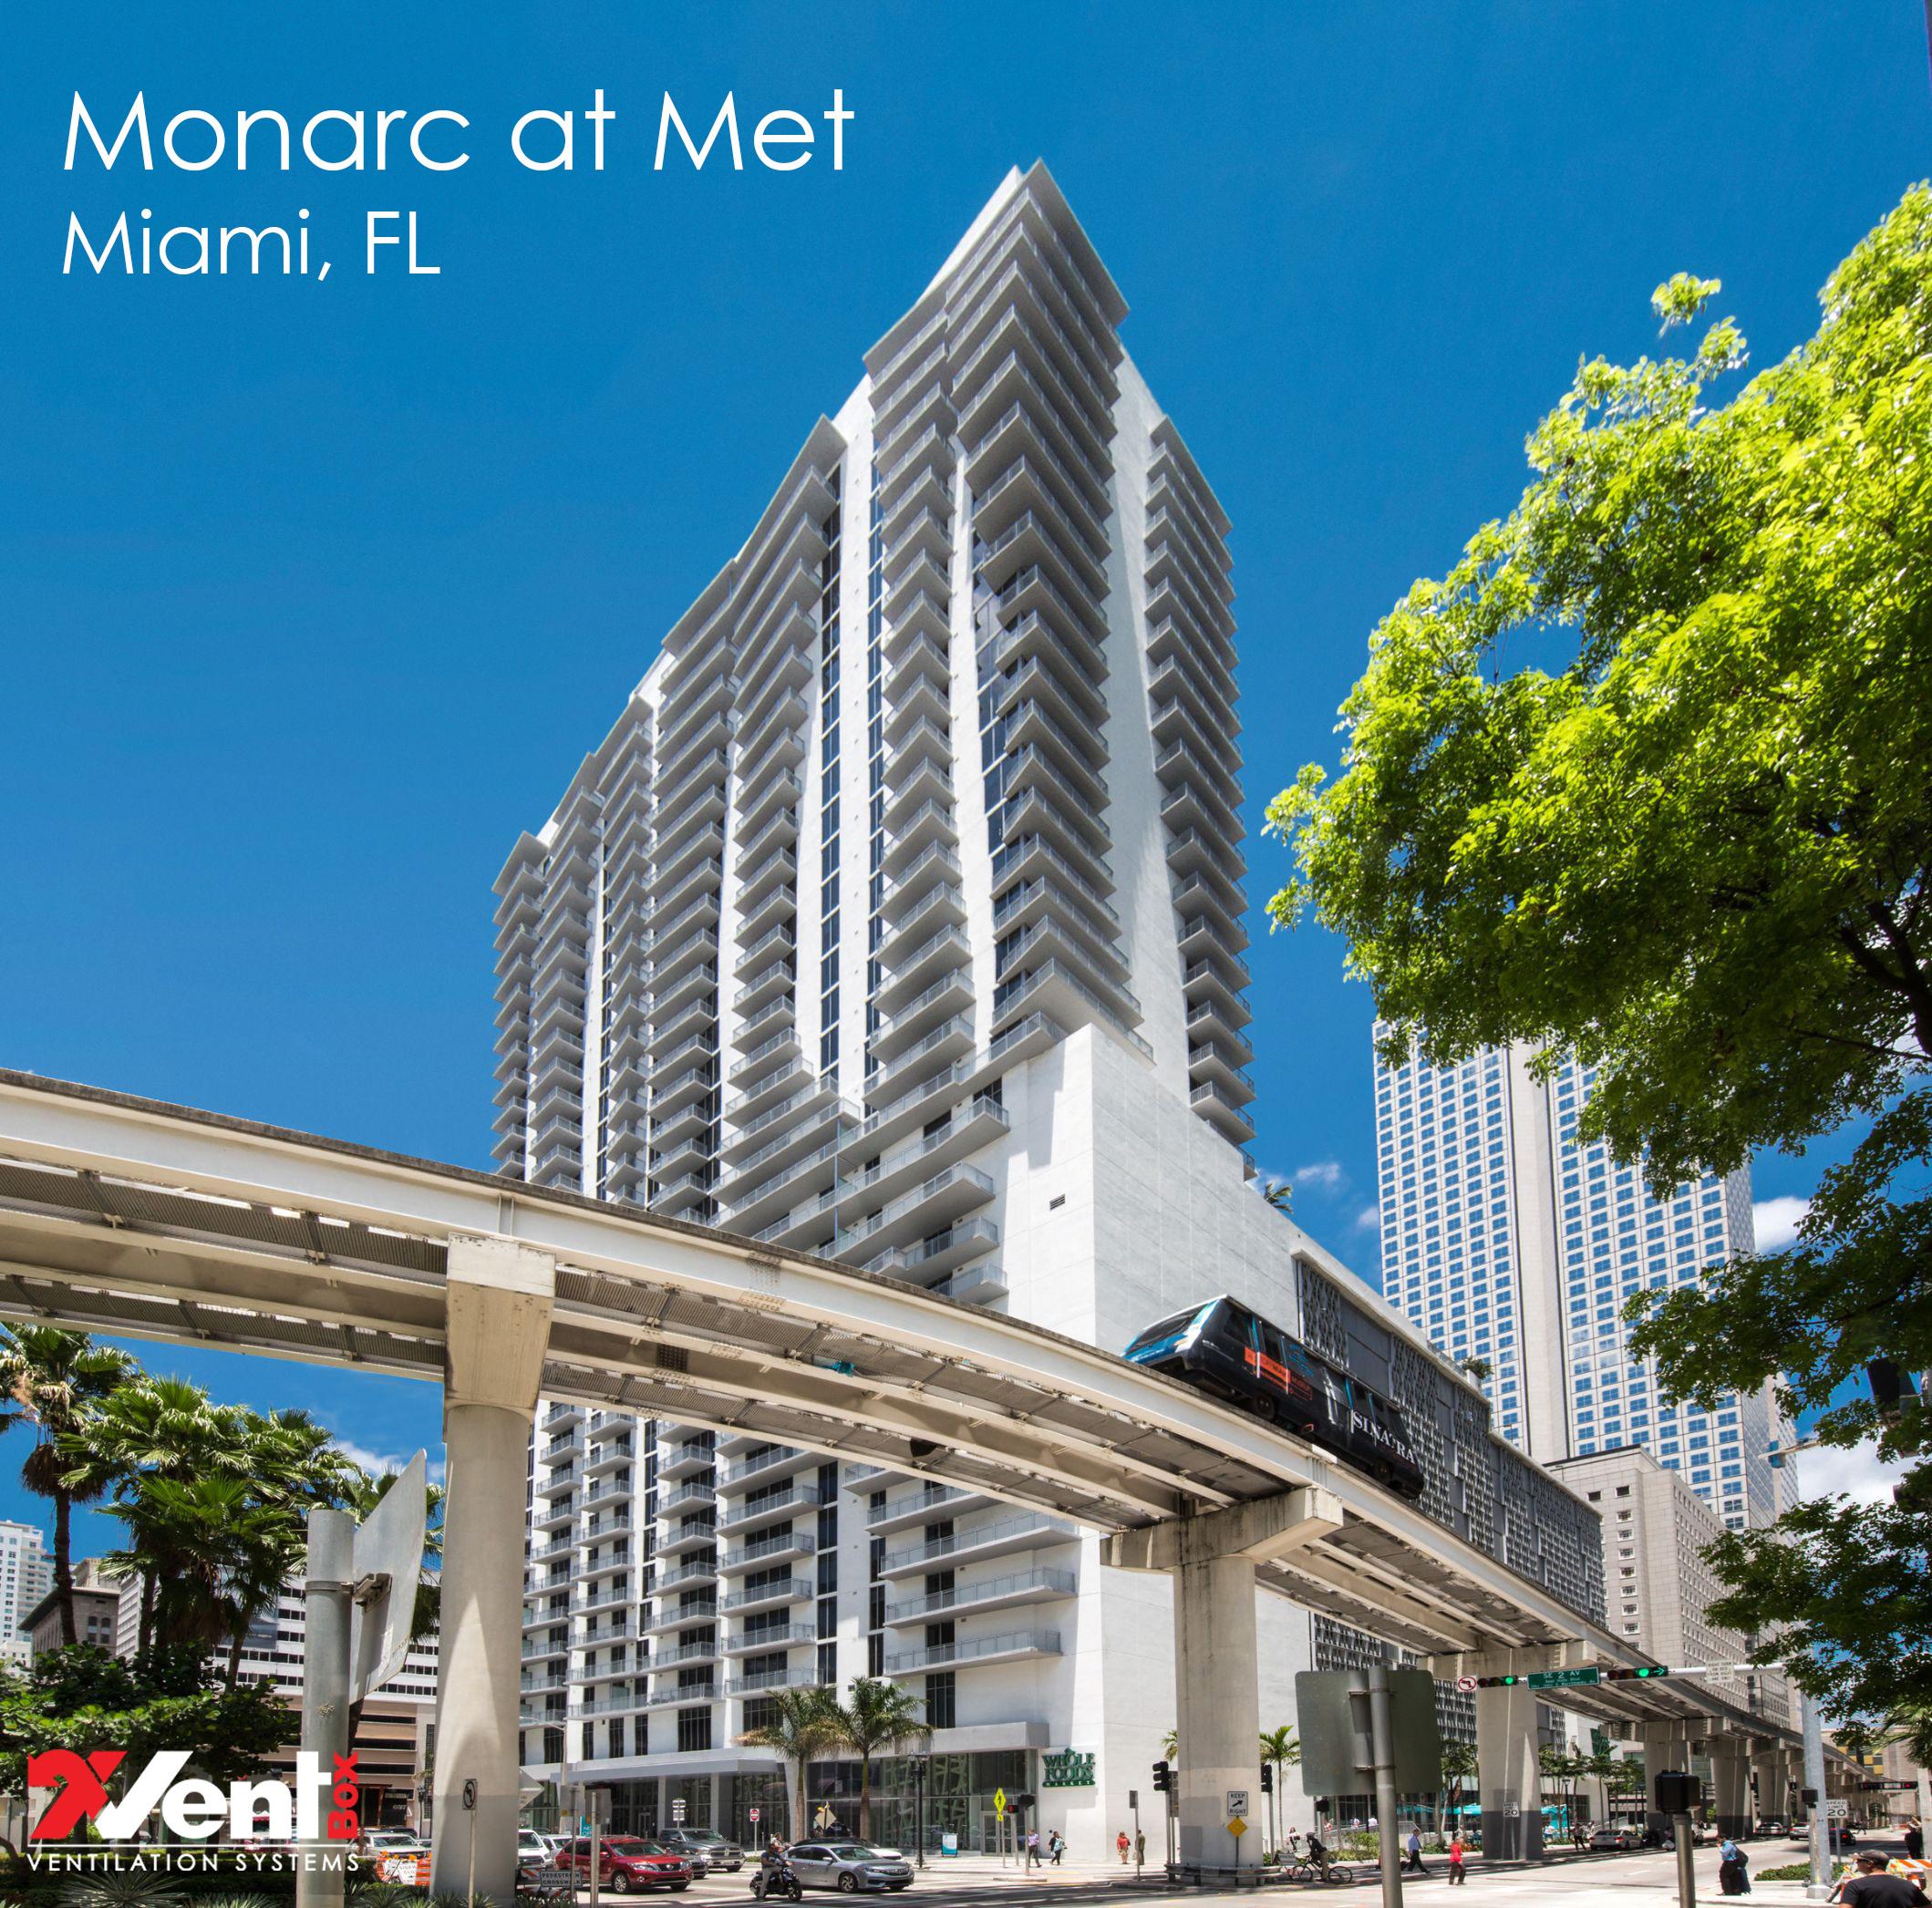 Monarc at Met